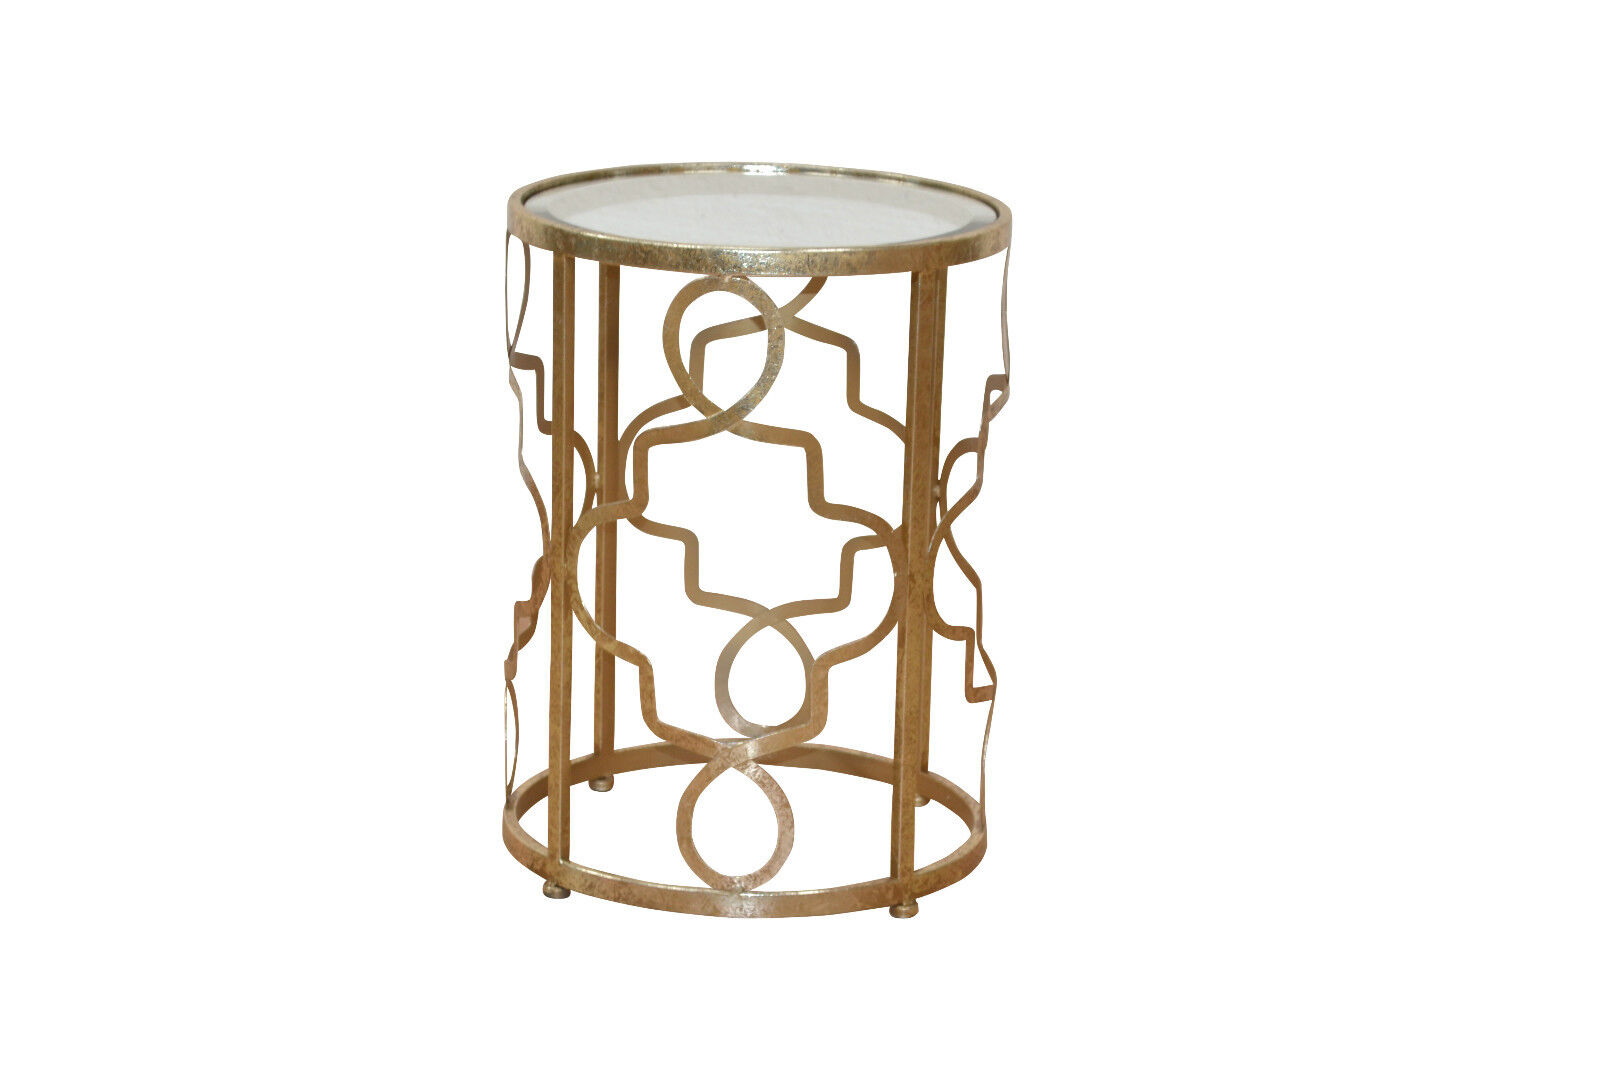 Metalltisch rund Goldfarben Tisch Beistelltisch antik Konsole ...